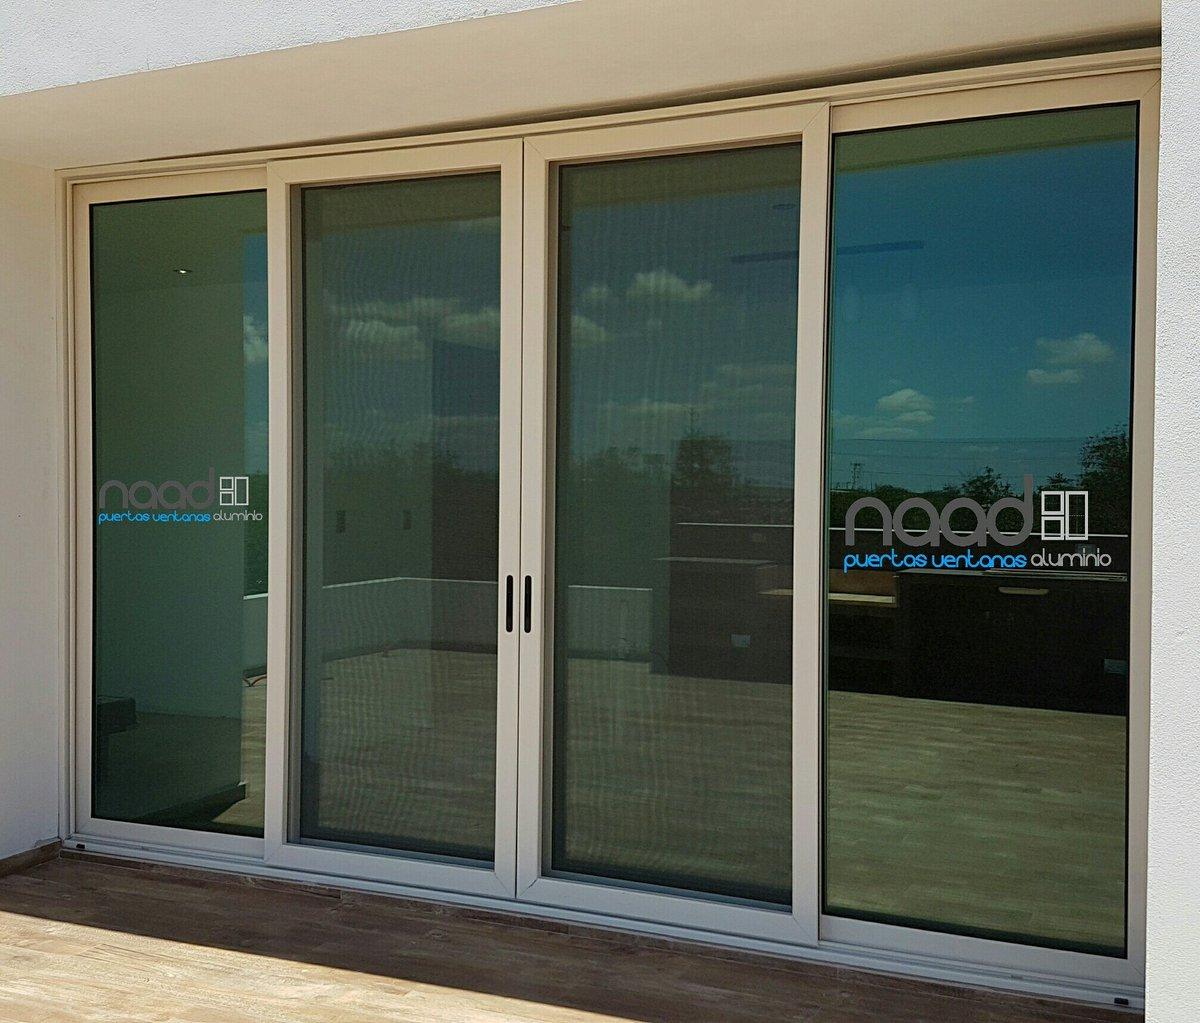 Naad aluminio on twitter puerta corrediza 4 hojas - Puertas corredizas de vidrio ...